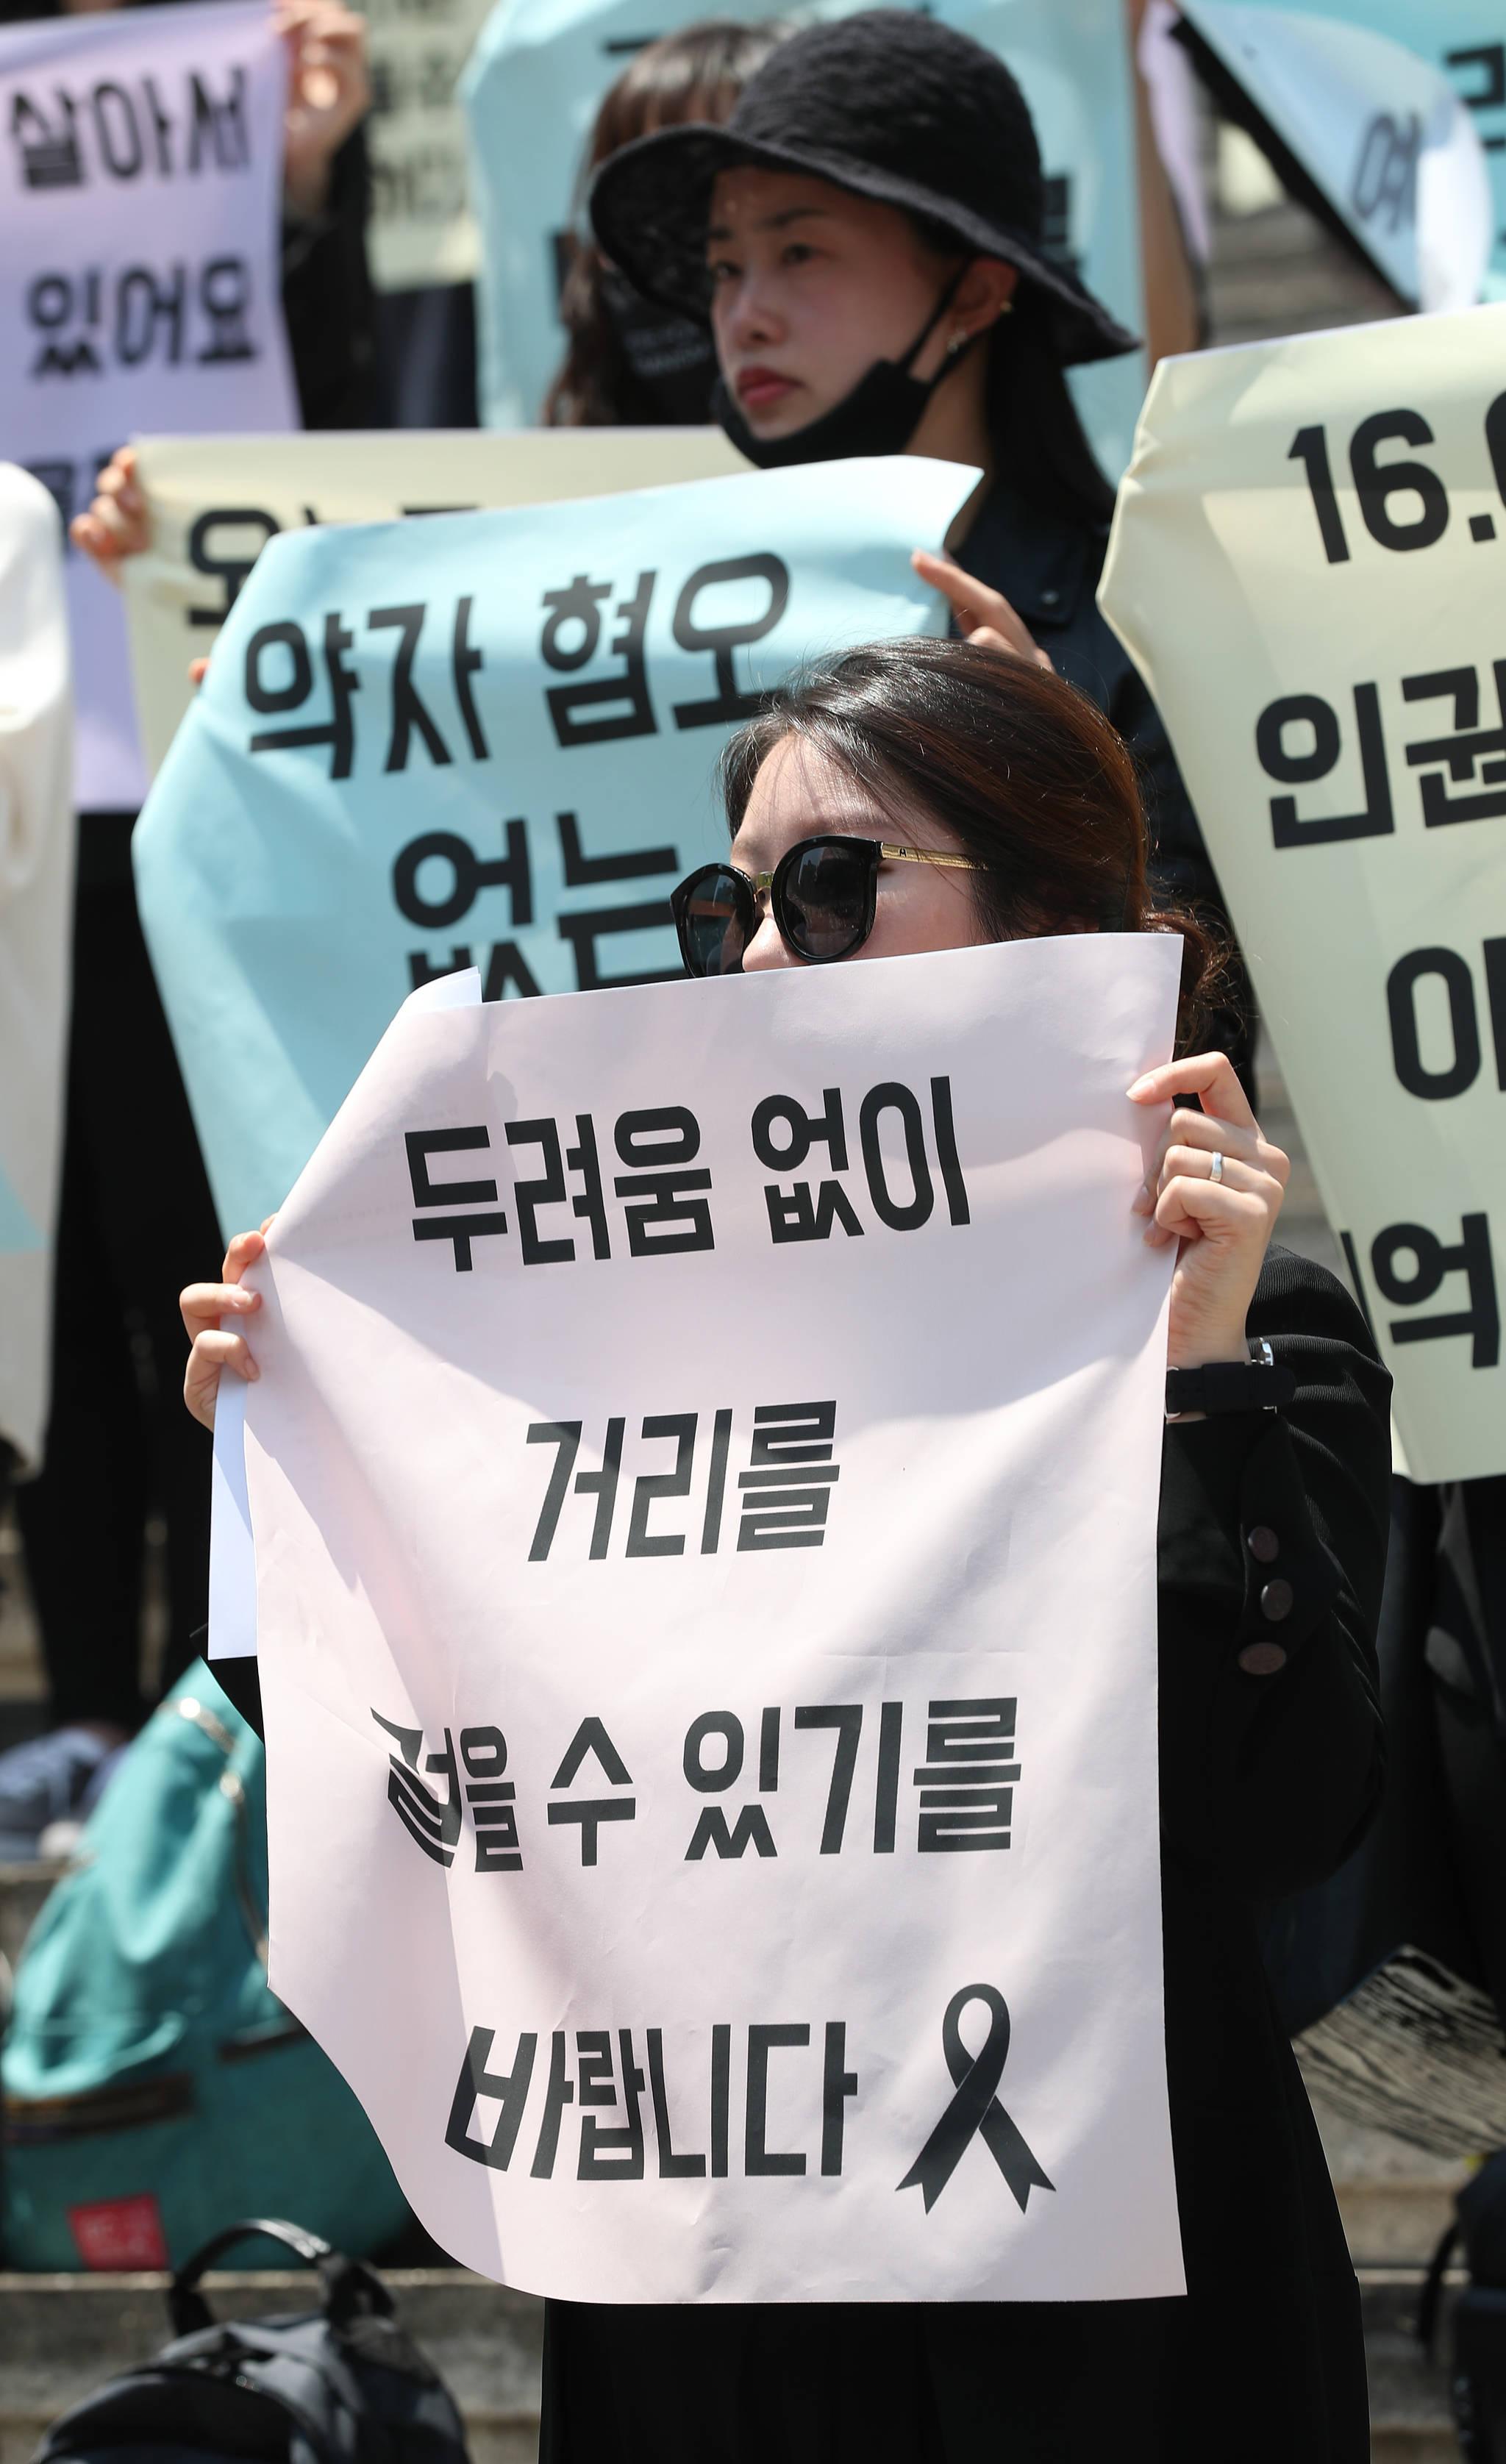 '5.17 강남역을 기억하는 하루 행동, 다시 포스트잇을 들다' 기자회견이 열린 17일 오후 서울 종로구 세종문화회관 계단에서 참석자들이 천 모양의 포스트잇을 들고 있다. 우상조 기자